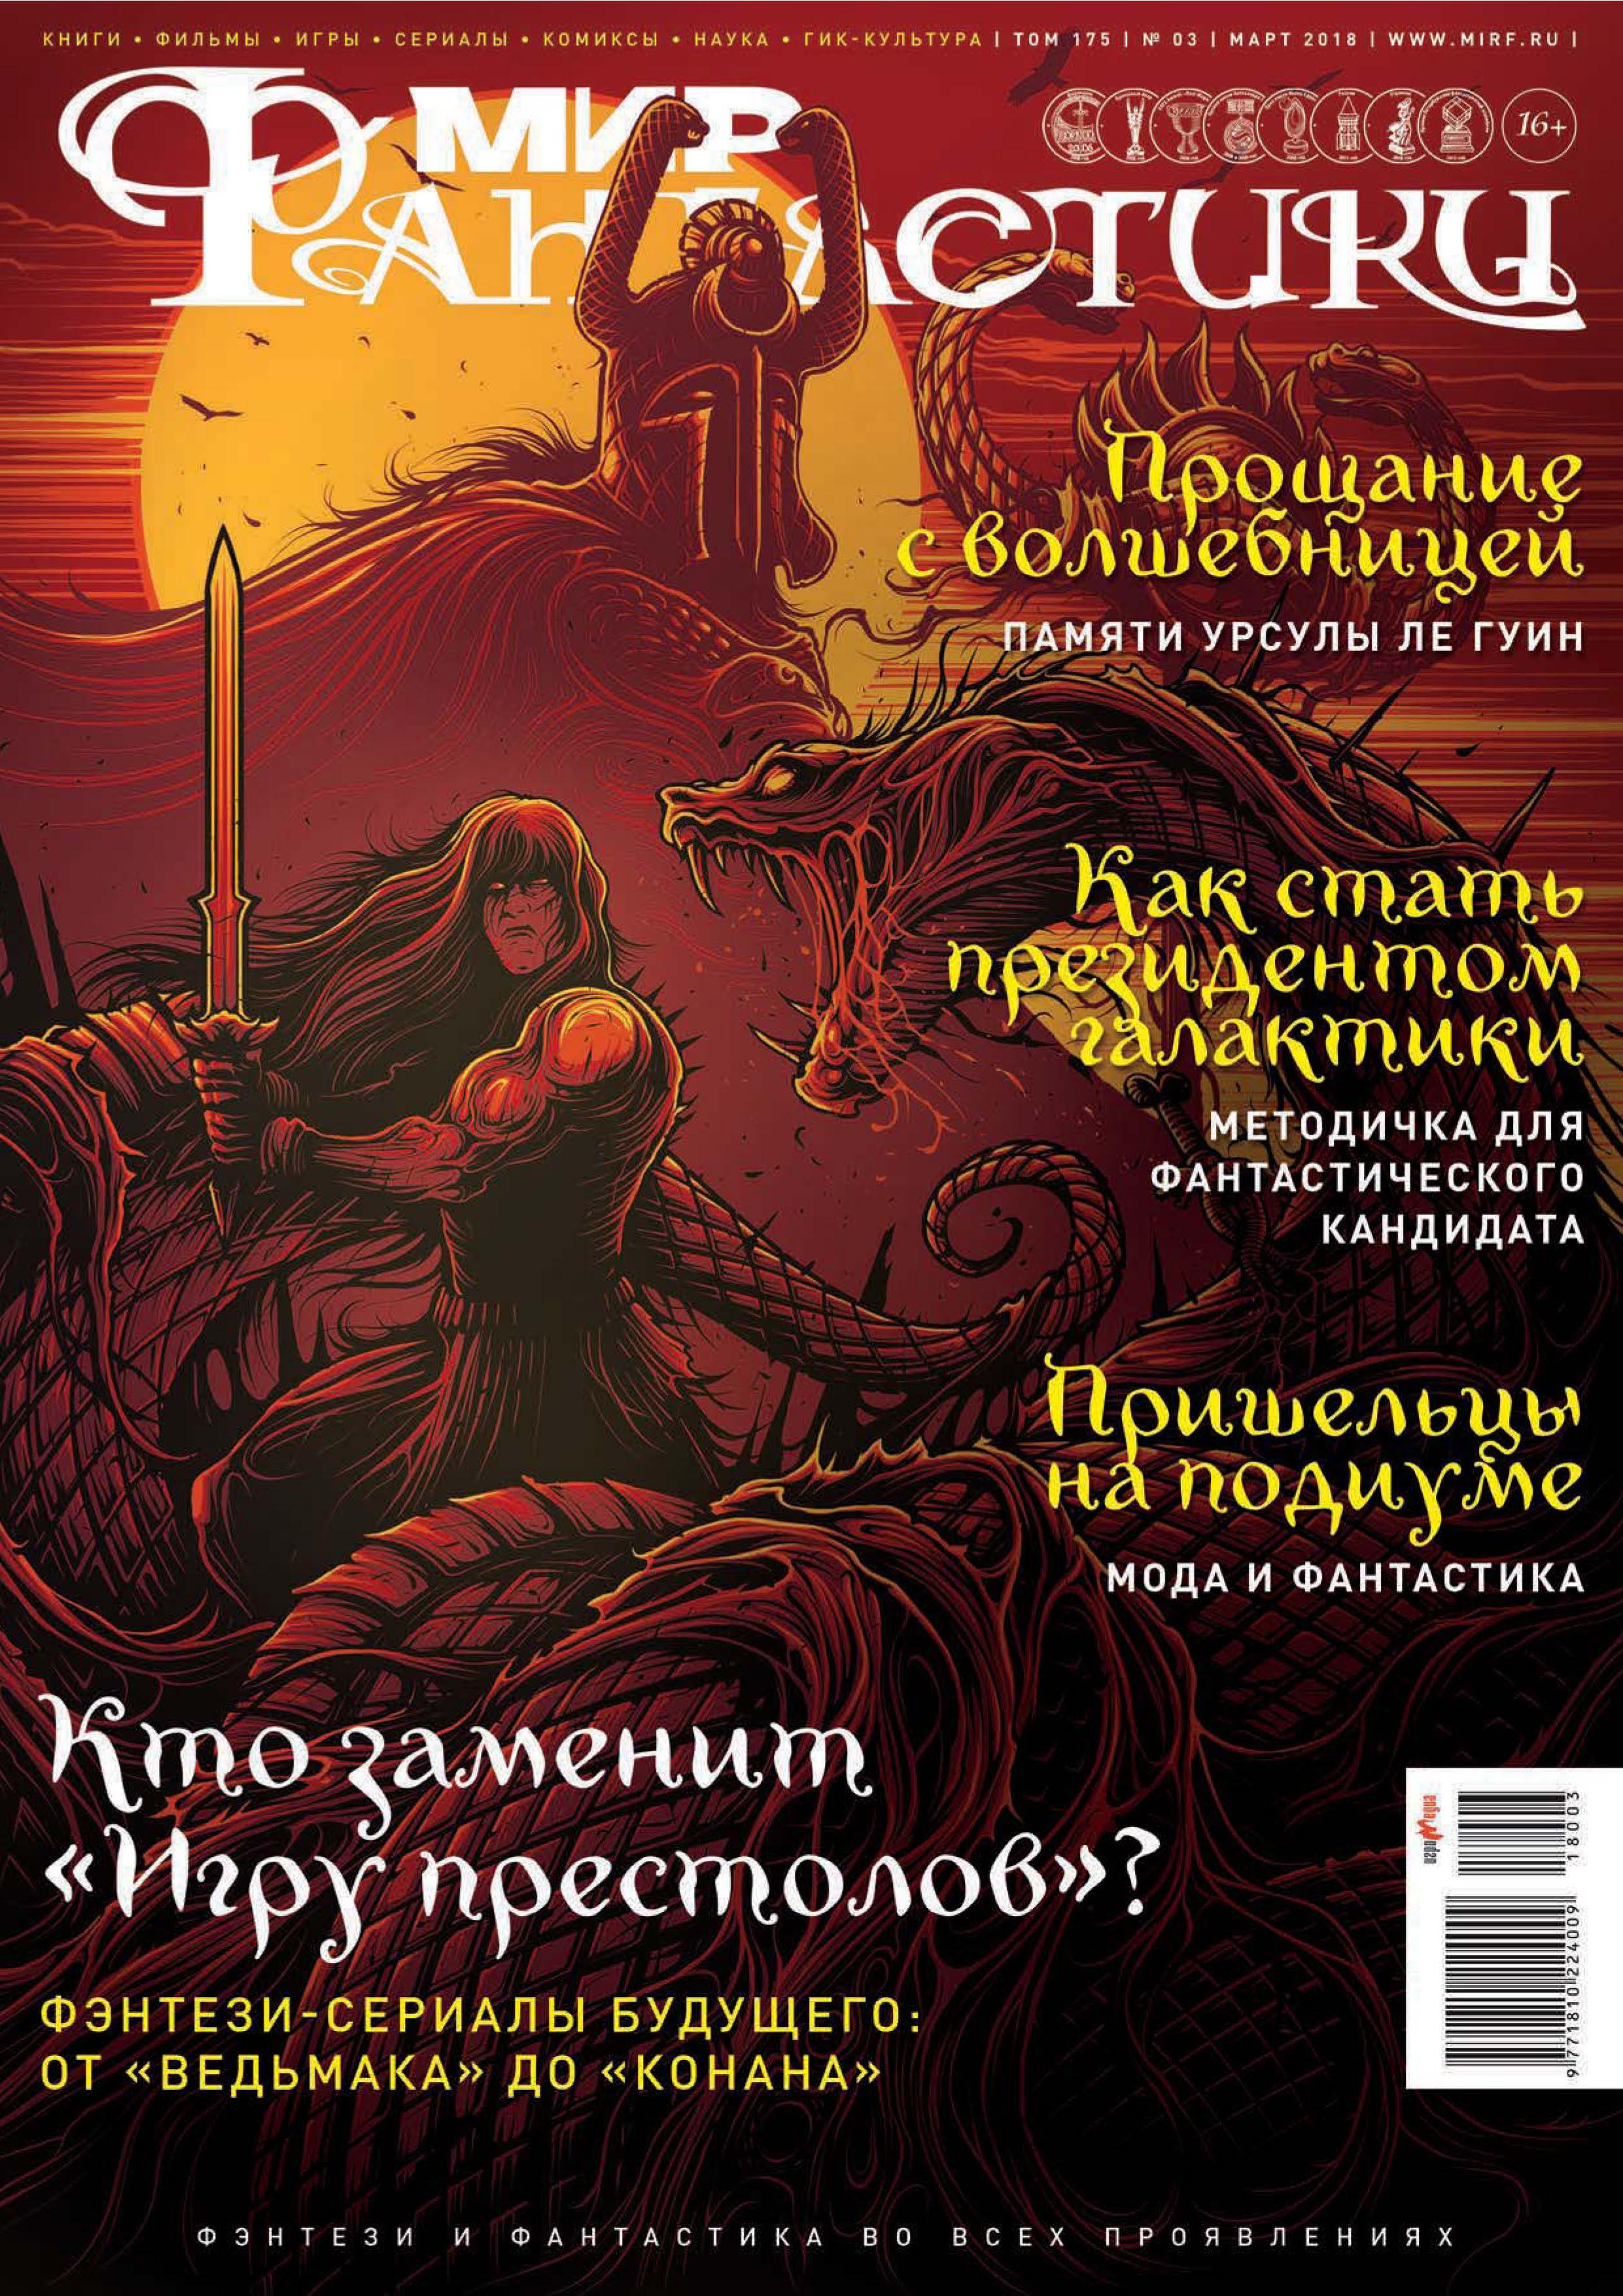 Мир фантастики №03/2018 ( mirf.ru  )